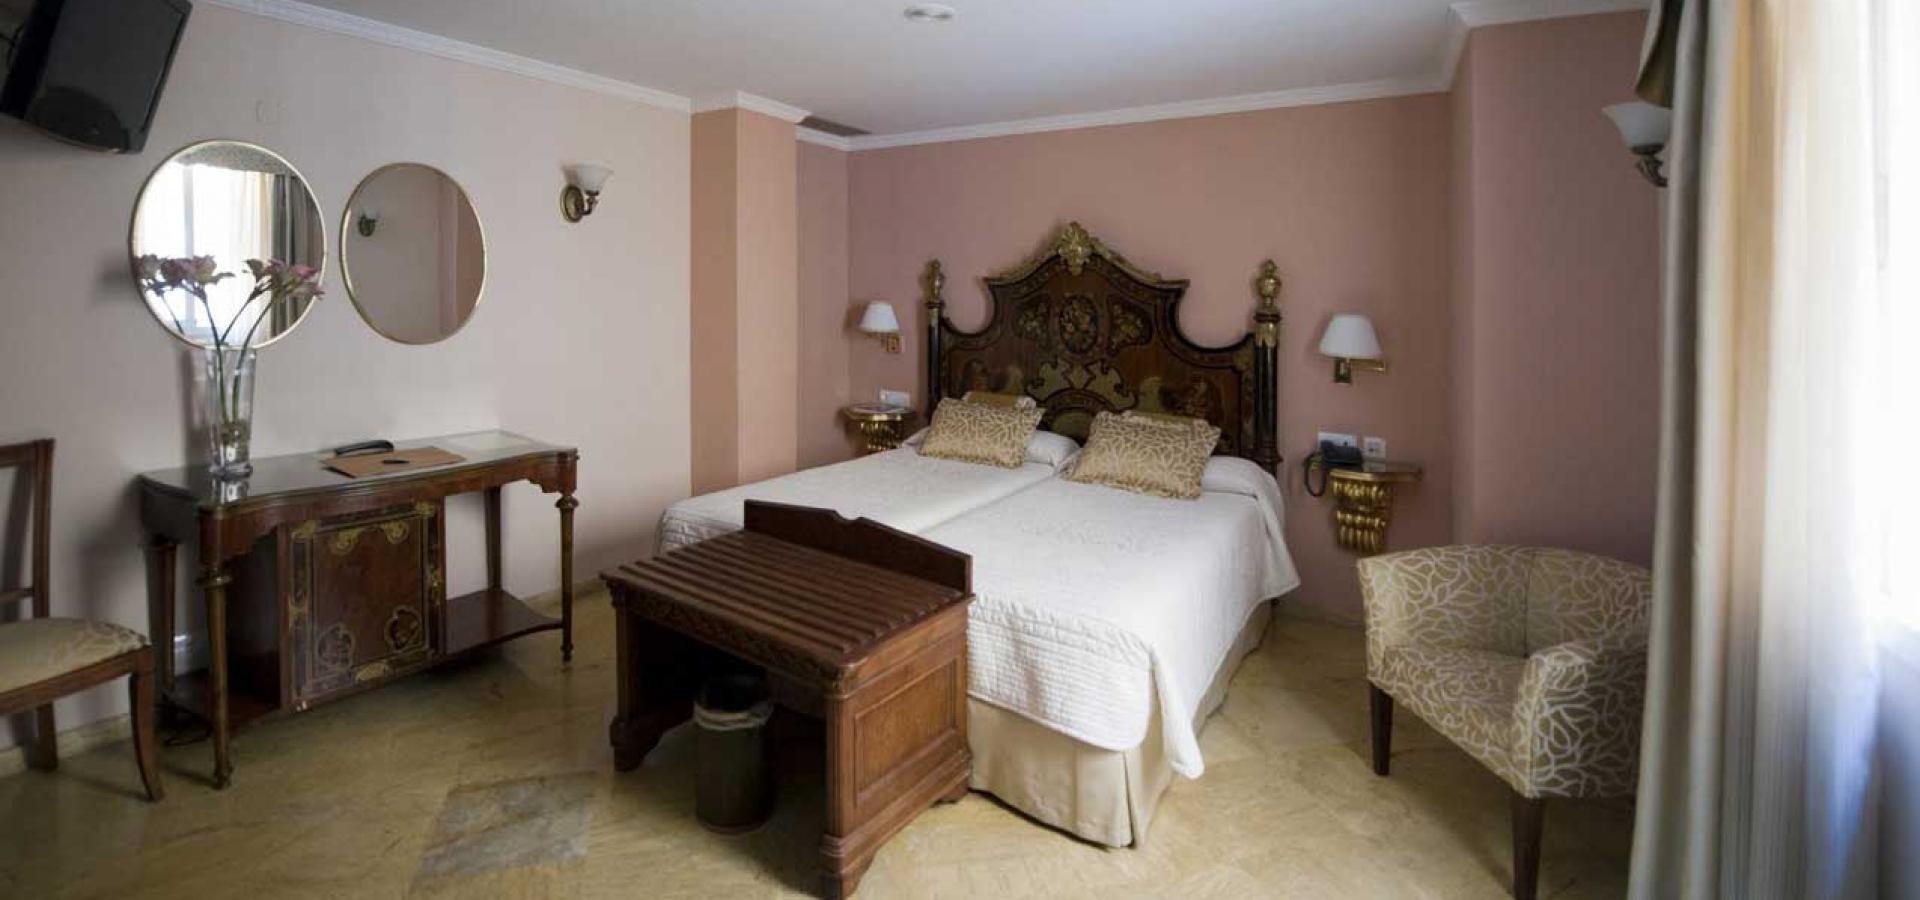 Hotel nel centro di Siviglia